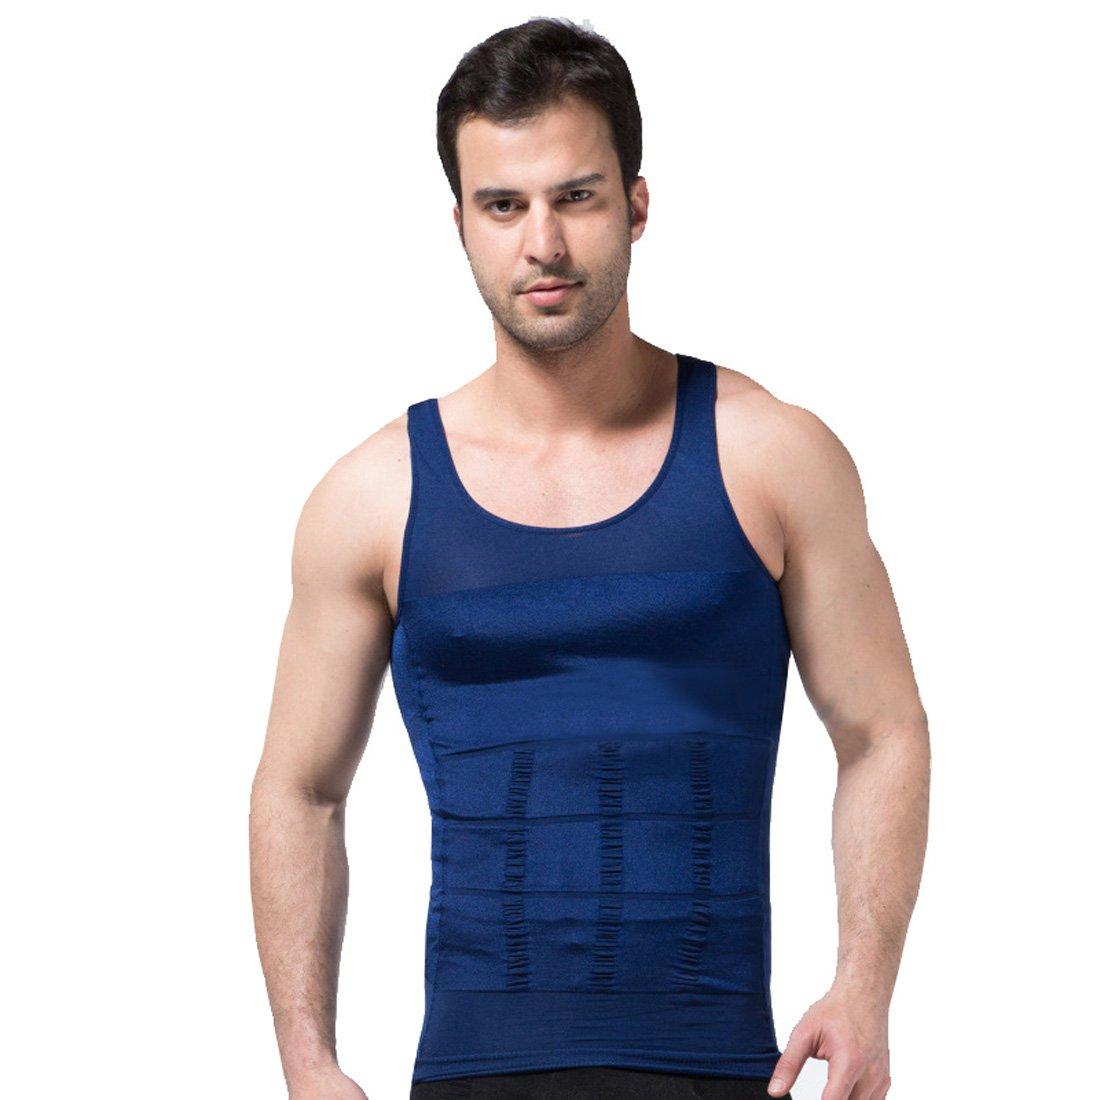 ZEROBODYS Faja reductora hombres camisa de elástica de adelgazamiento de la forma chaleco escultural Azul SS-M01: Amazon.es: Deportes y aire libre